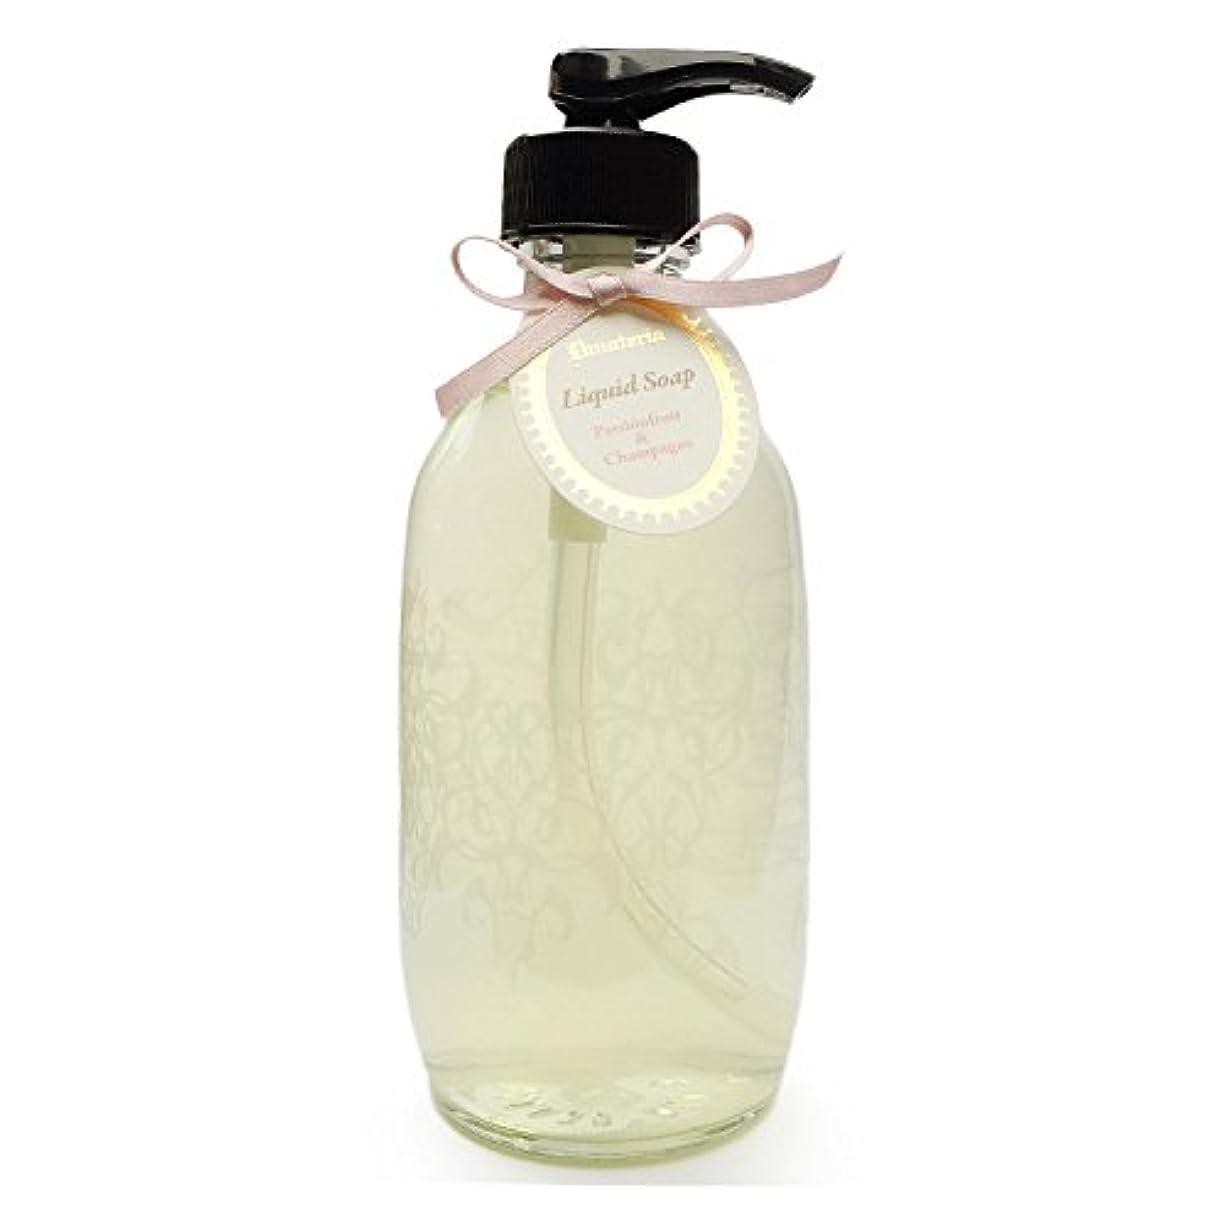 バッジしない実際D materia リキッドソープ パッションフルーツ&シャンパン Passionfruit&Champagne Liquid Soap ディーマテリア